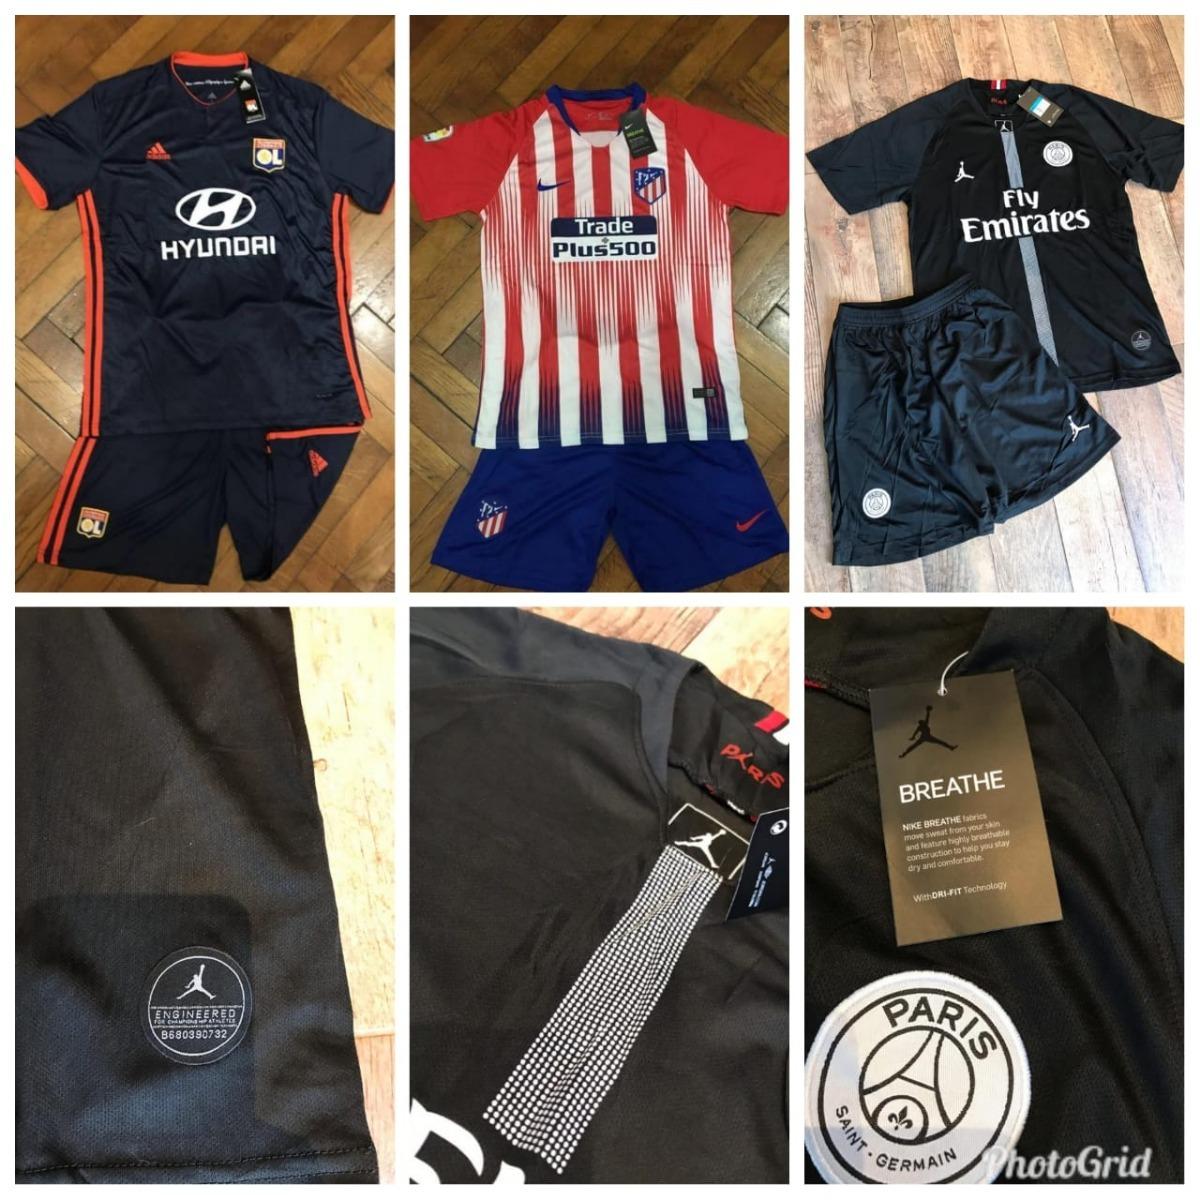 8f3af41a98cd9 conjuntos camisetas y short para equipos de futbol 2018 2019. Cargando zoom.